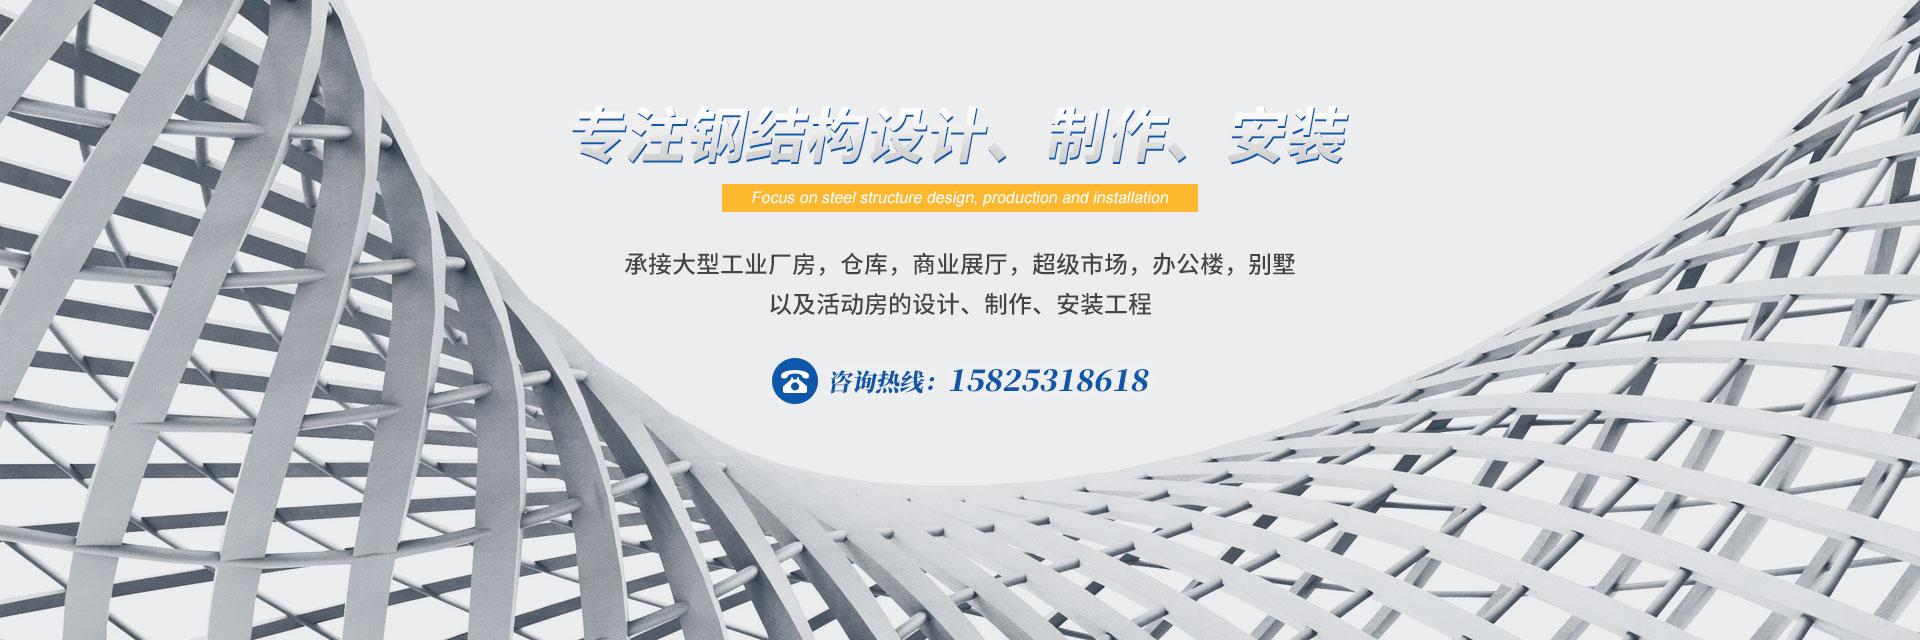 宁夏钢结构工程